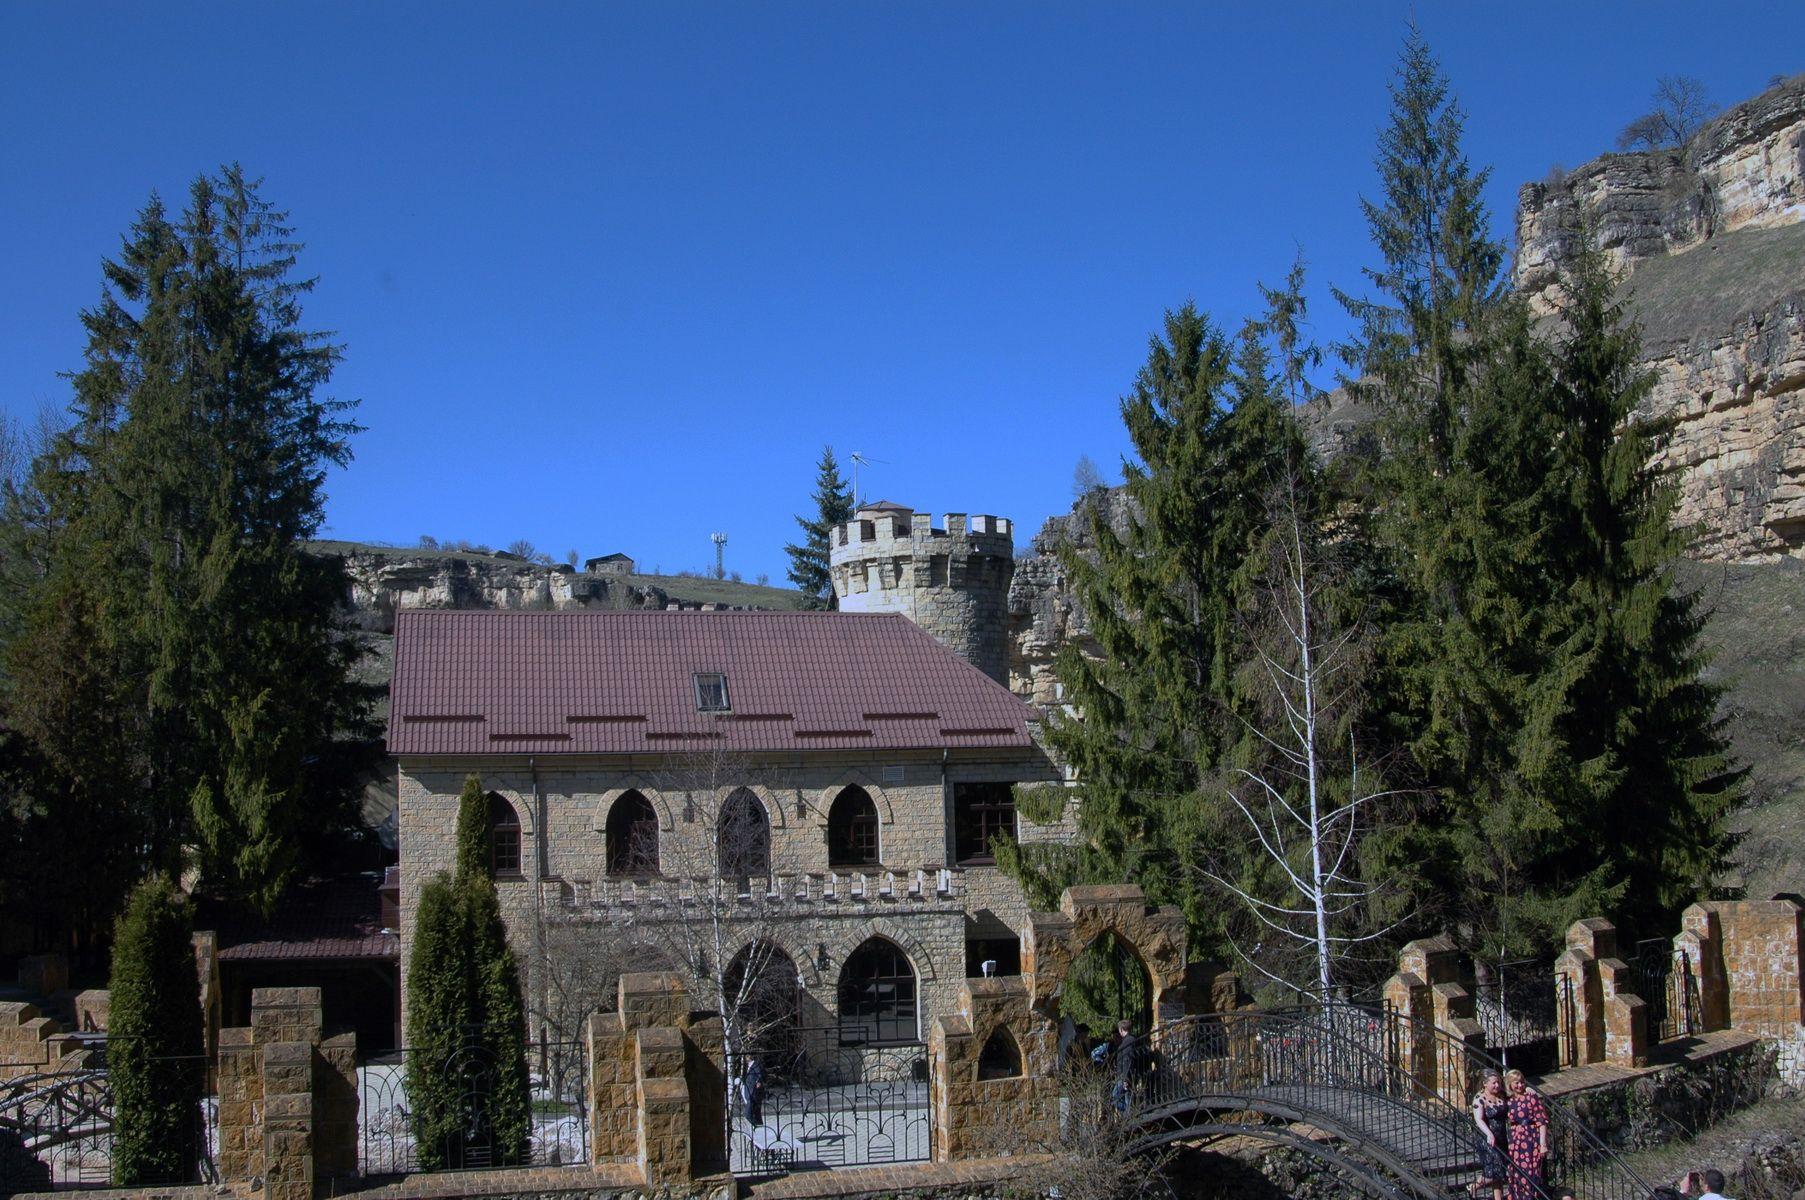 Кисловодск. Замок Коварства и Любви. Фото 25 апреля 2015